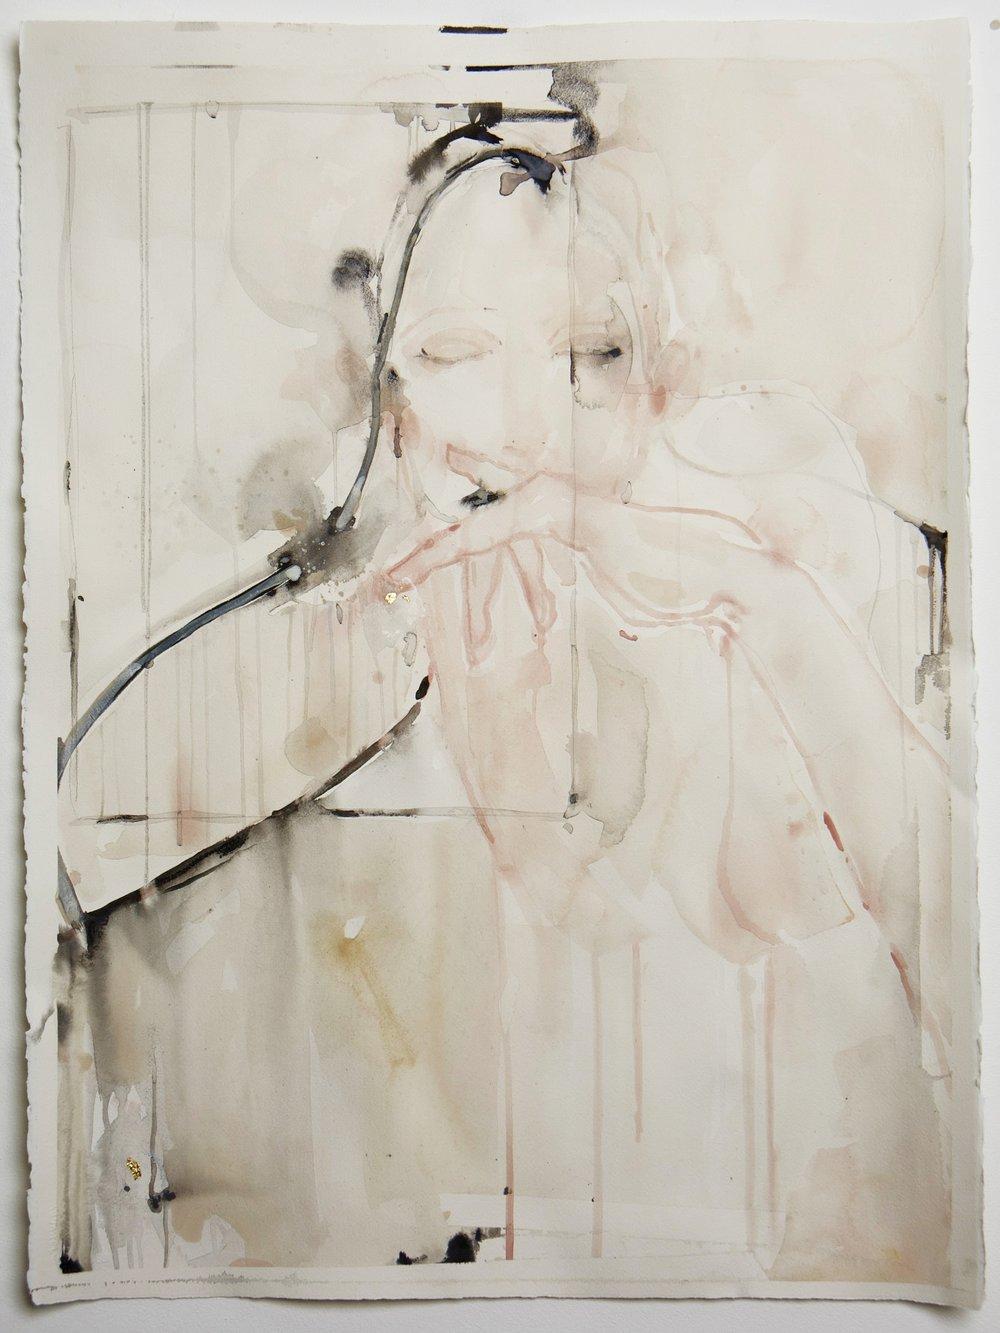 Fiona Gourlay